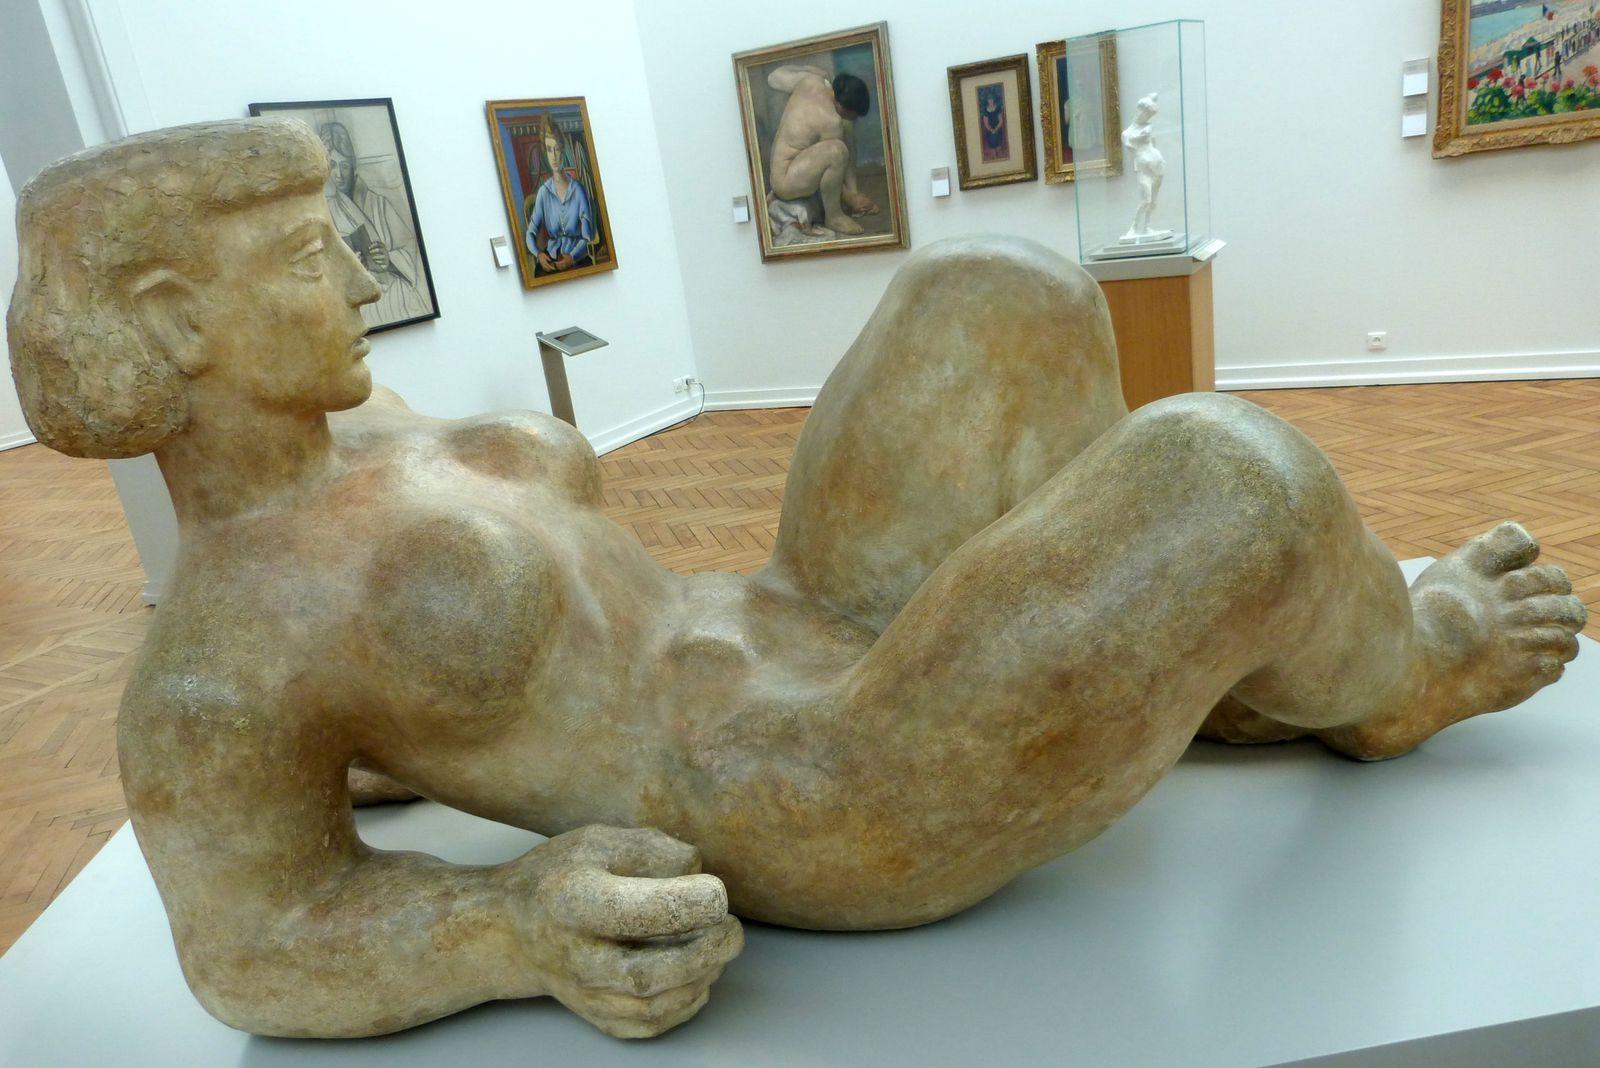 Septembre 2014, musée des beaux-arts, Bordeaux : Morgane, Redi, Raju